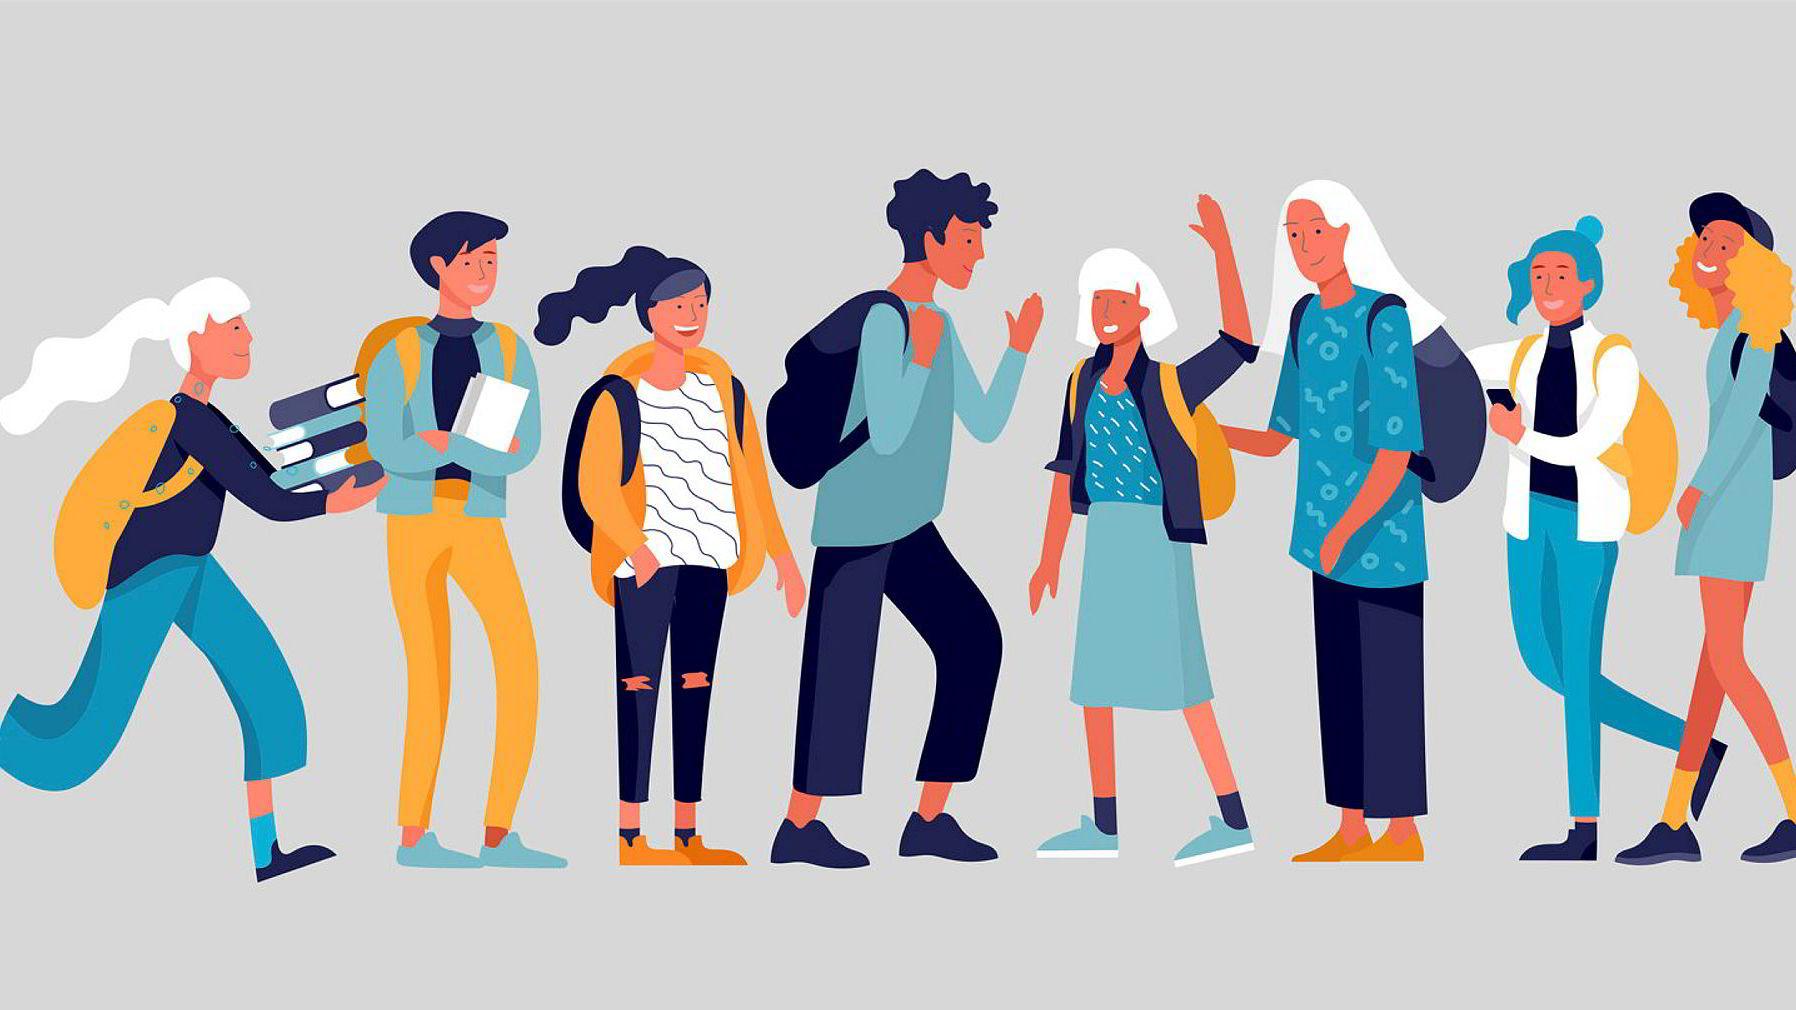 Arbeidsmarkedet tar ikke hensyn til folks innerste lengsler, og det viser seg dessuten stadig at våre innerste lengsler er «fake news», skriver Helena Brodtkorb i sine råd til ungdommen.